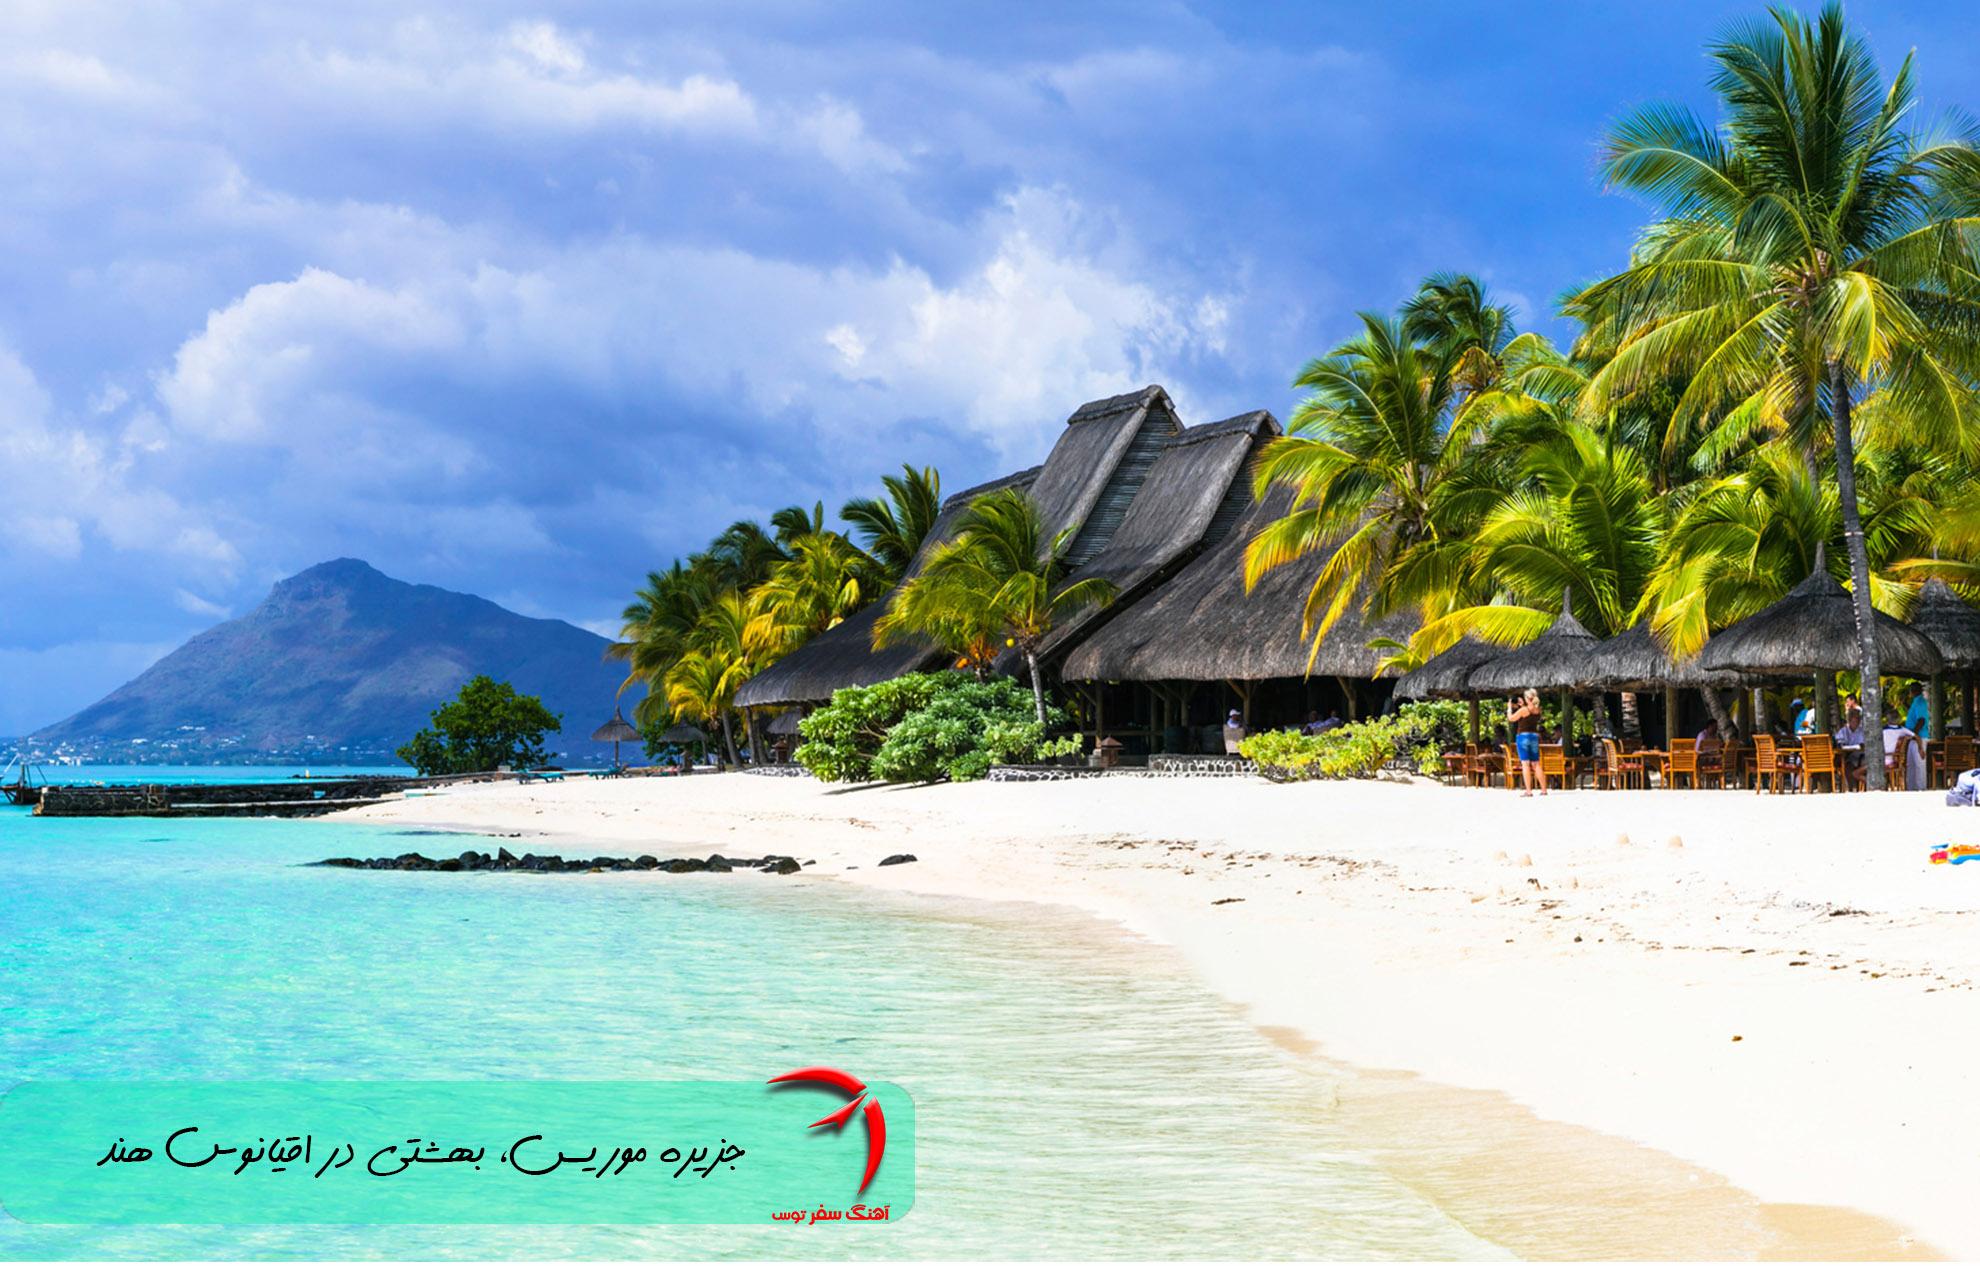 جزیره موریس در اقیانوس هند